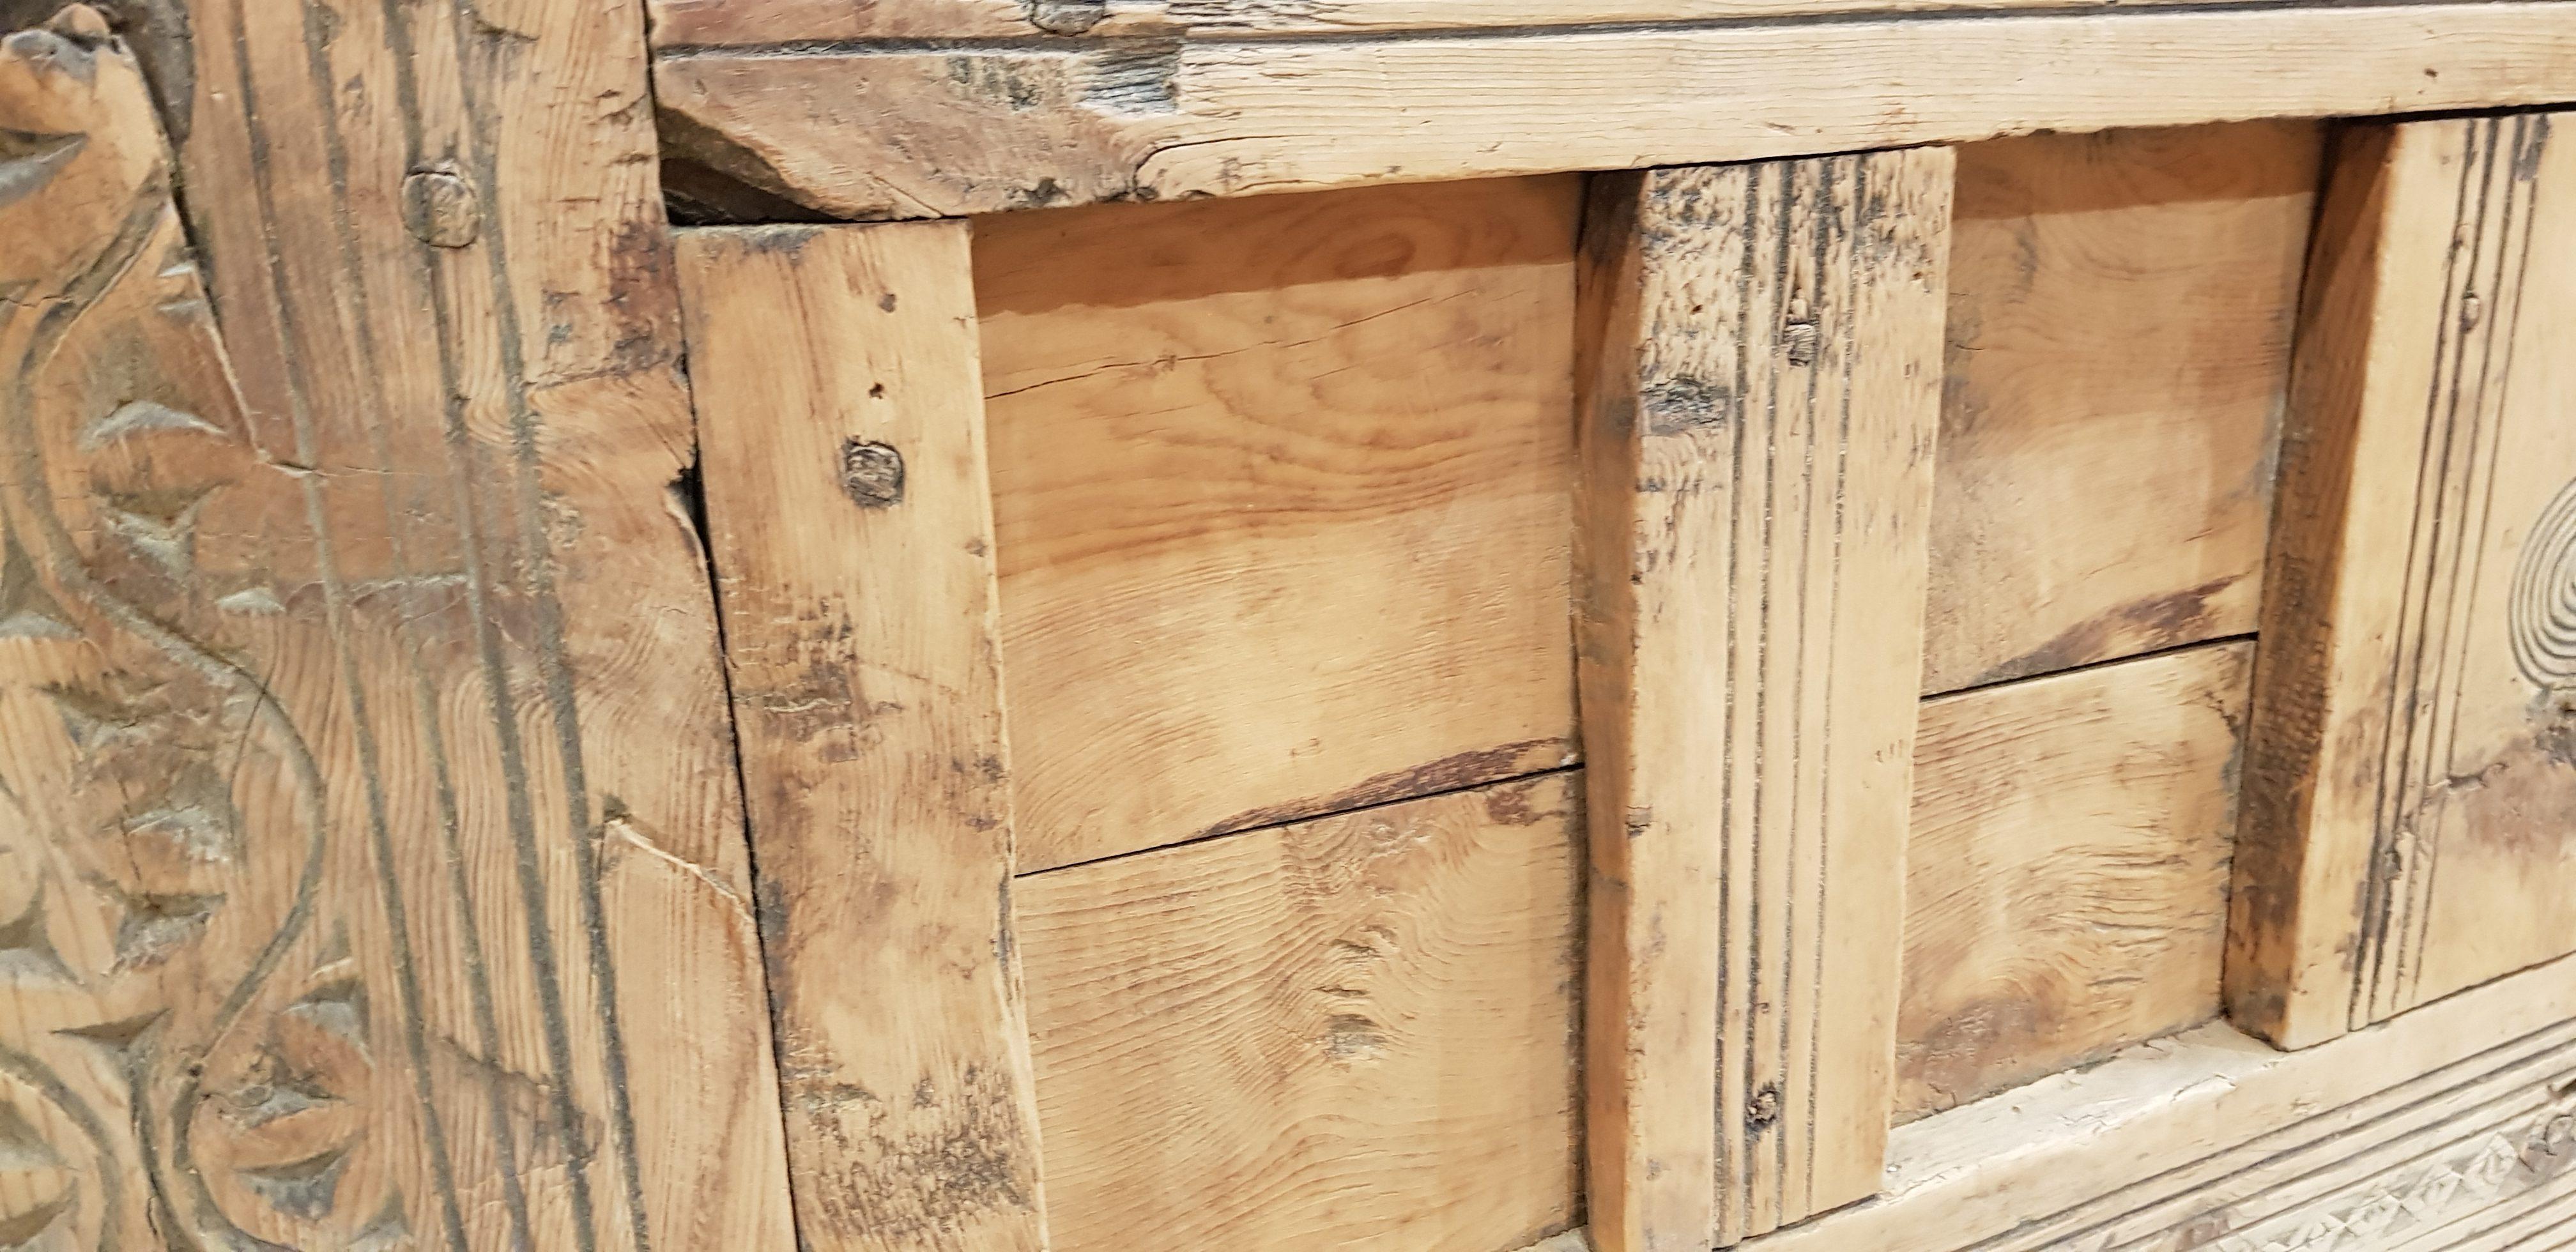 courchevel chalet montagne alpin meuble et d coration d 39 int rieur au vieux parchet st ferreol. Black Bedroom Furniture Sets. Home Design Ideas